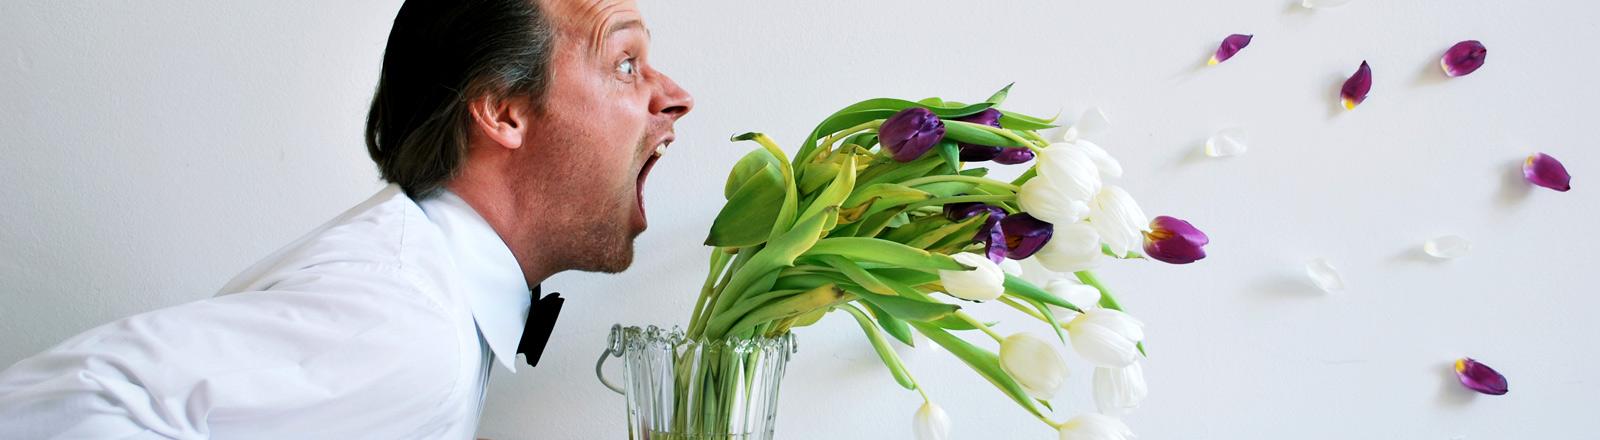 Ein Mann schreit einen Strauß Tulpen an.